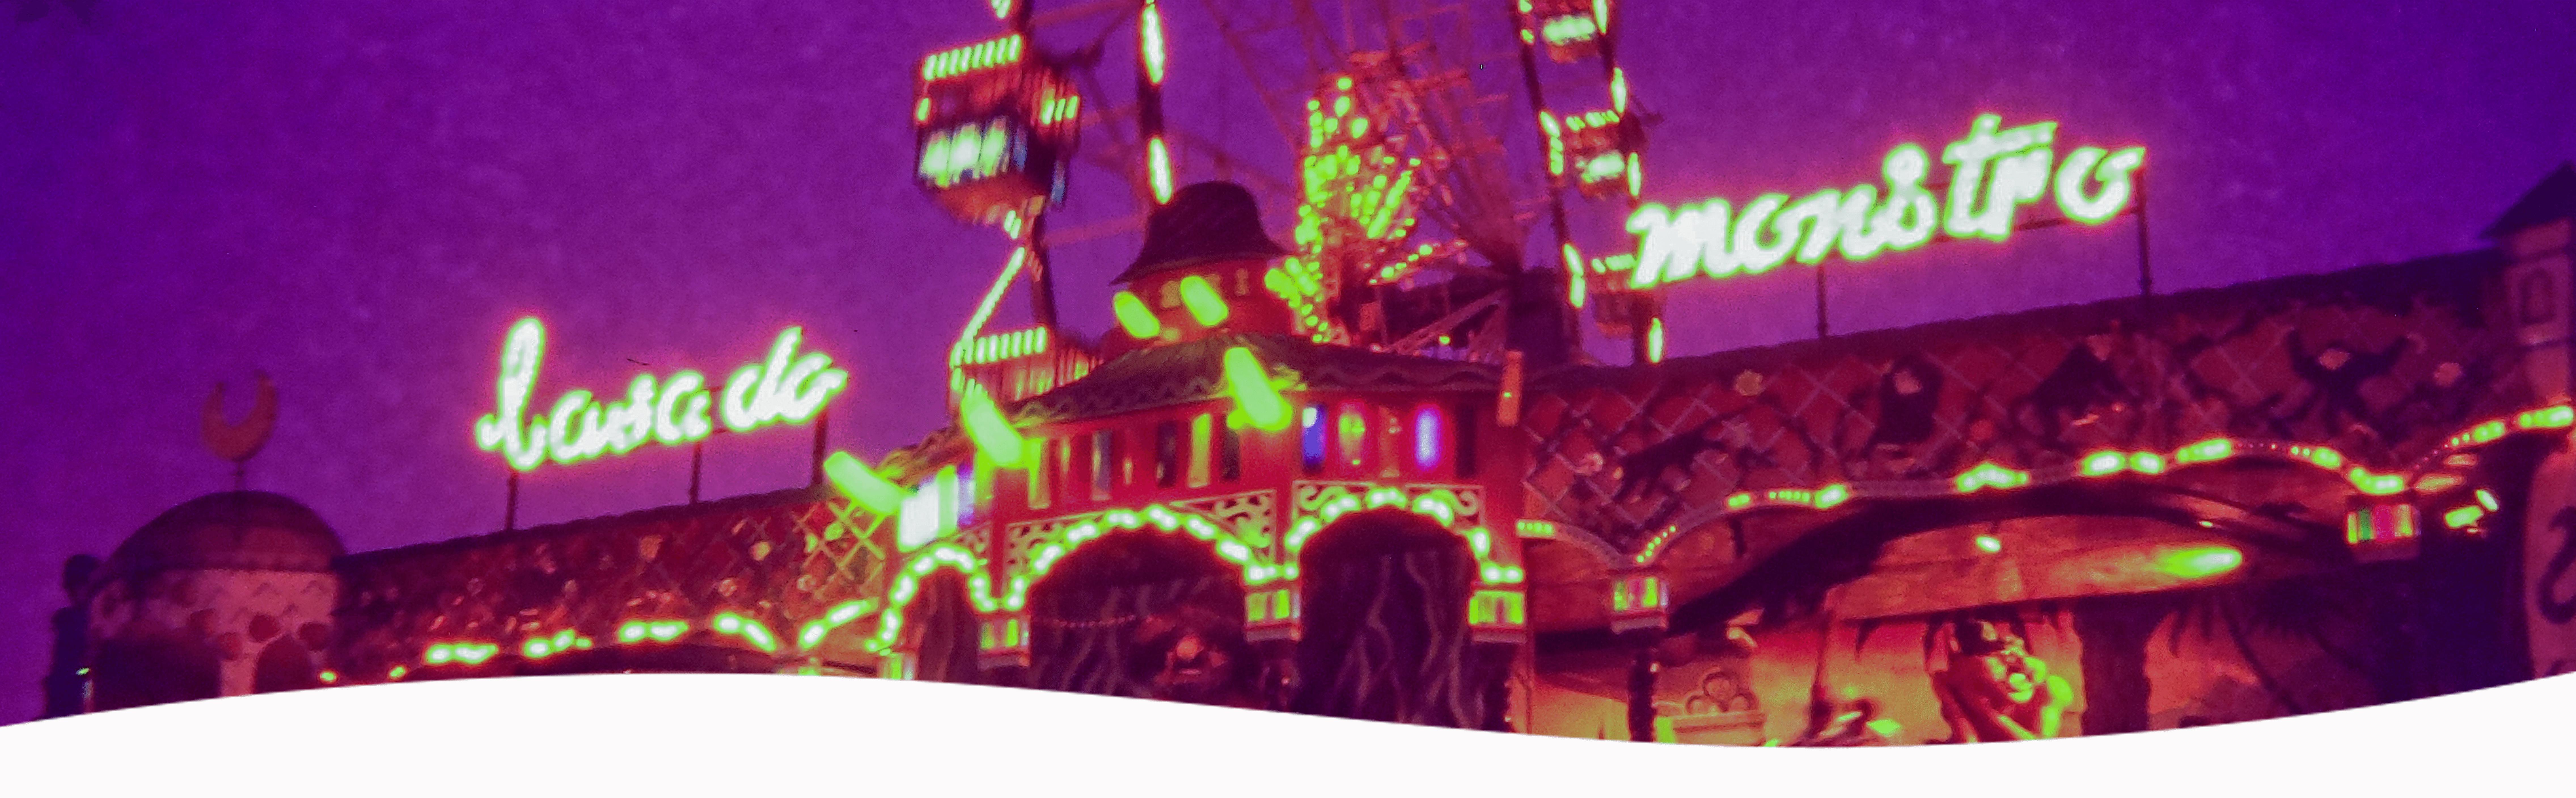 Sustos e muita diversão: você se lembra da Casa do Monstro no Playcenter?